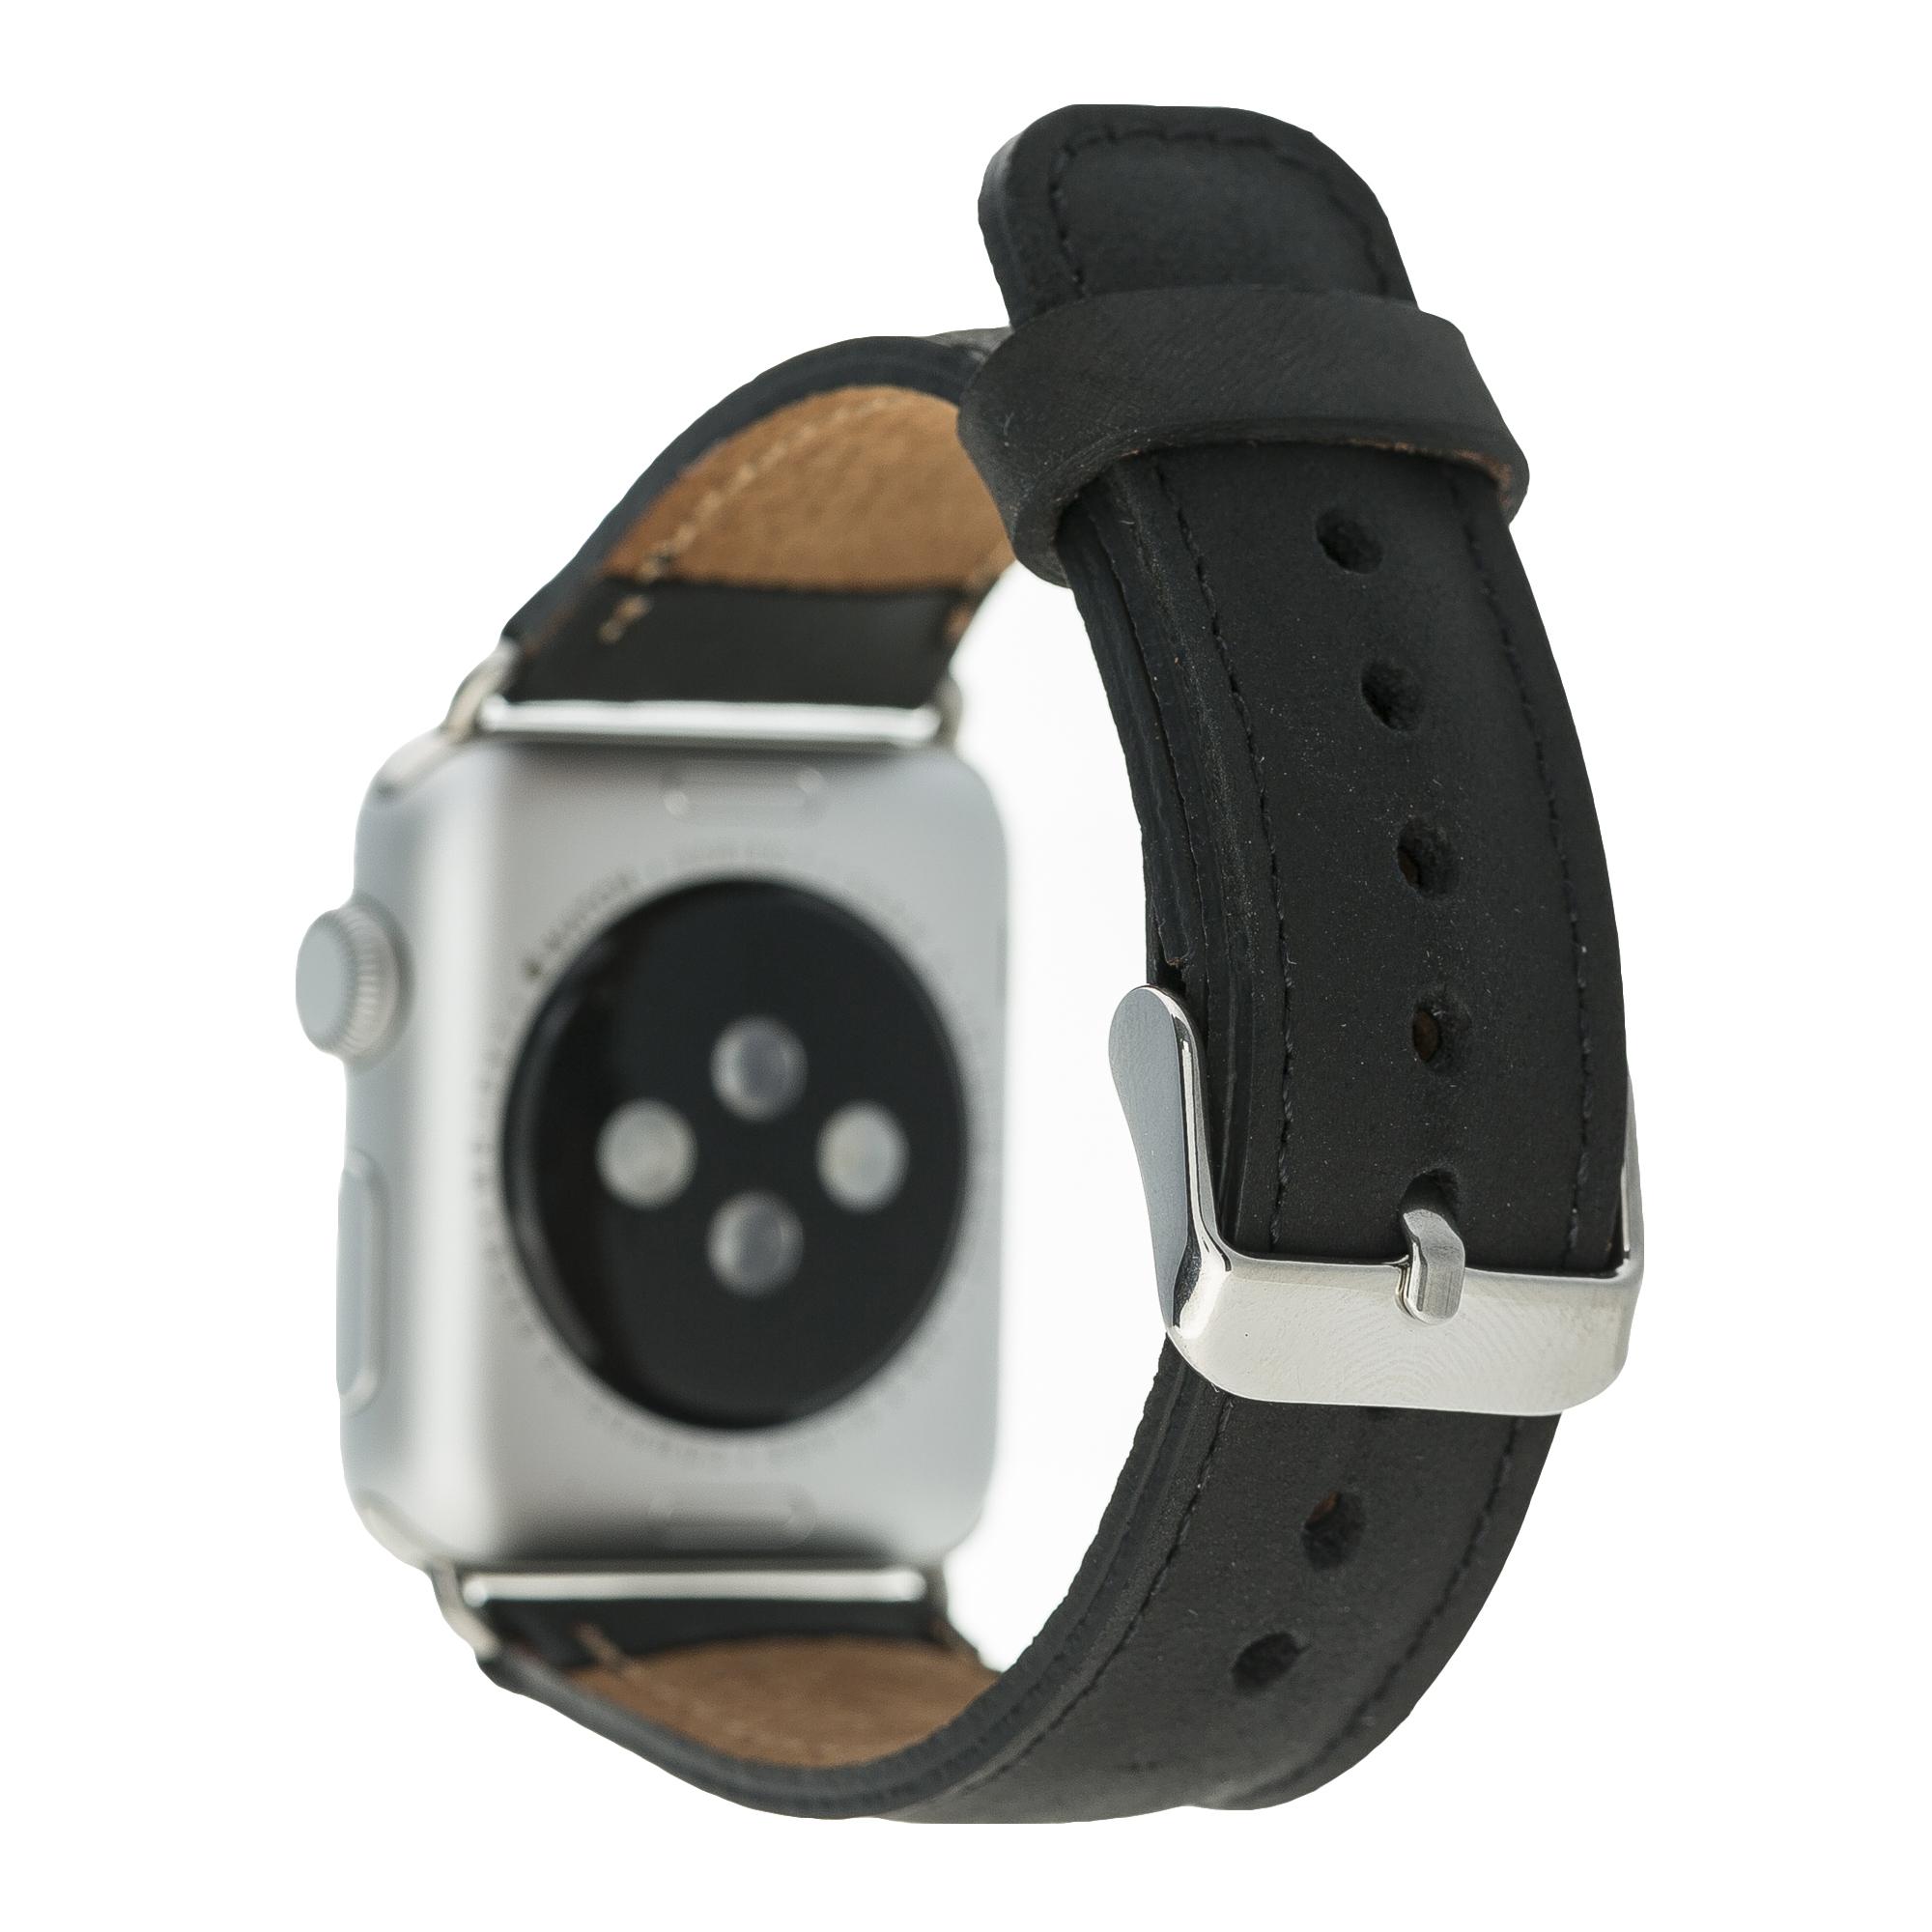 Ремешок для смарт-часов Bouletta для Apple Watch 38/40 mm Classic